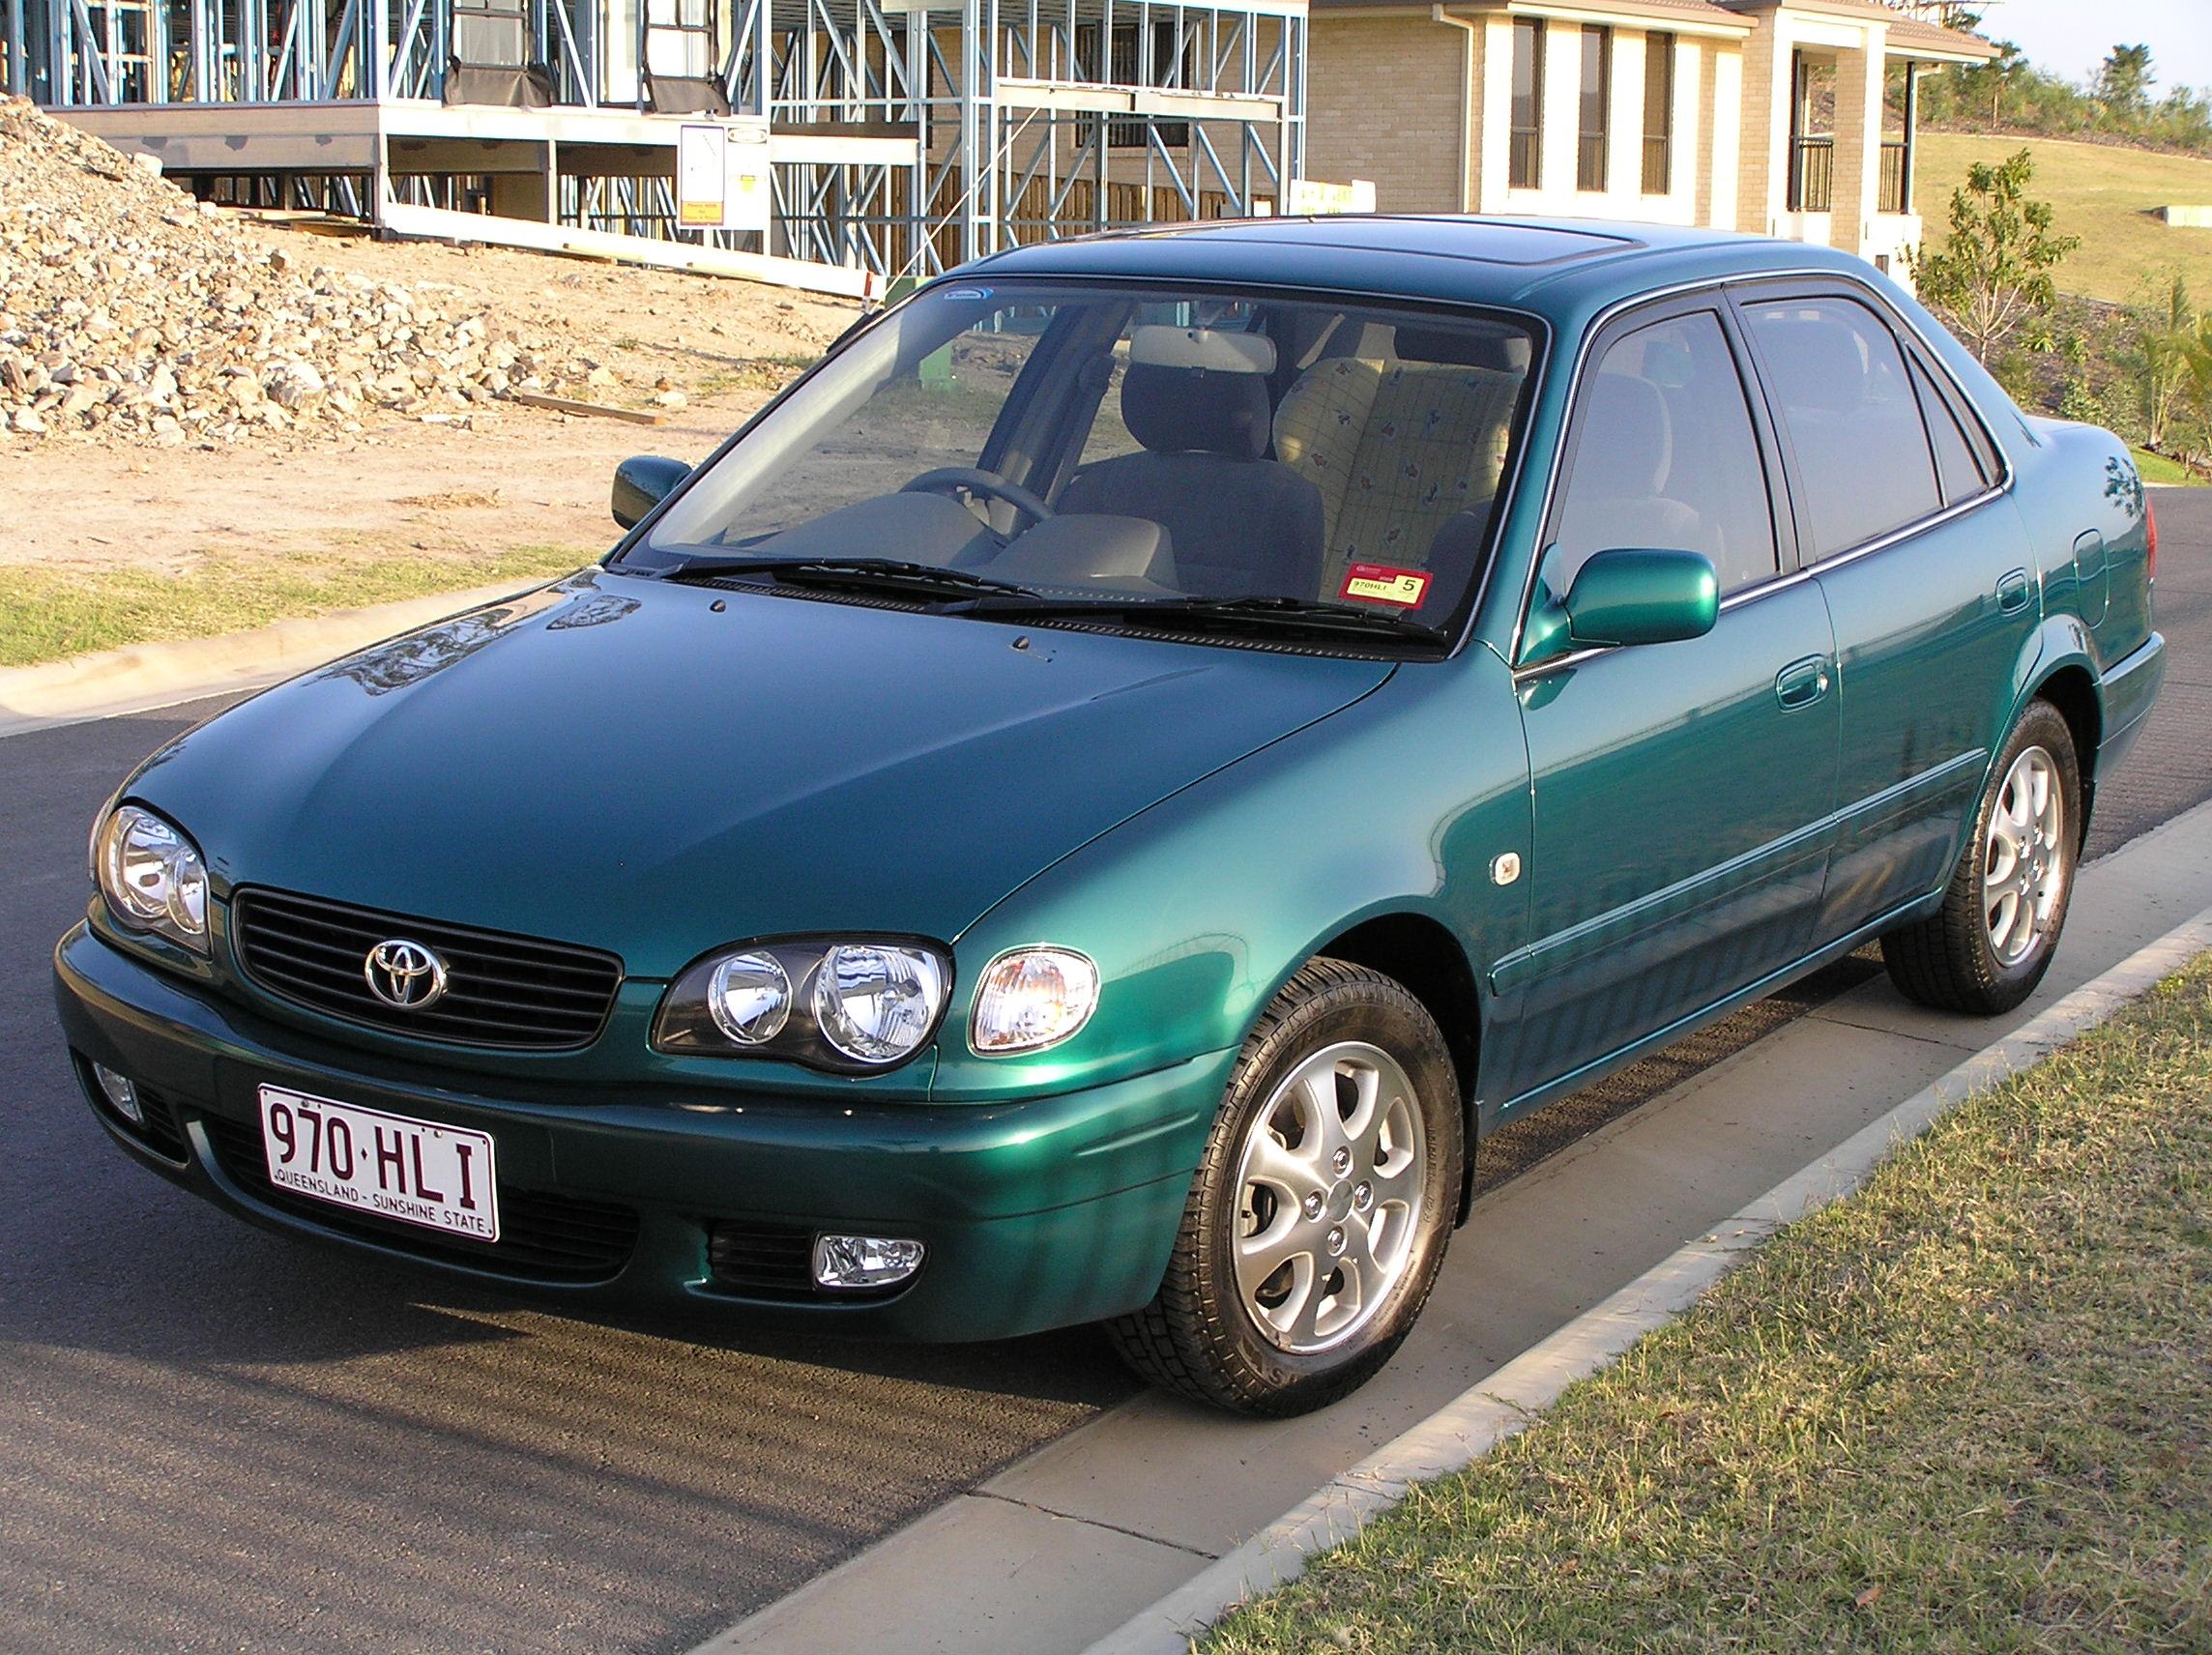 Kelebihan Kekurangan Corolla 1999 Review